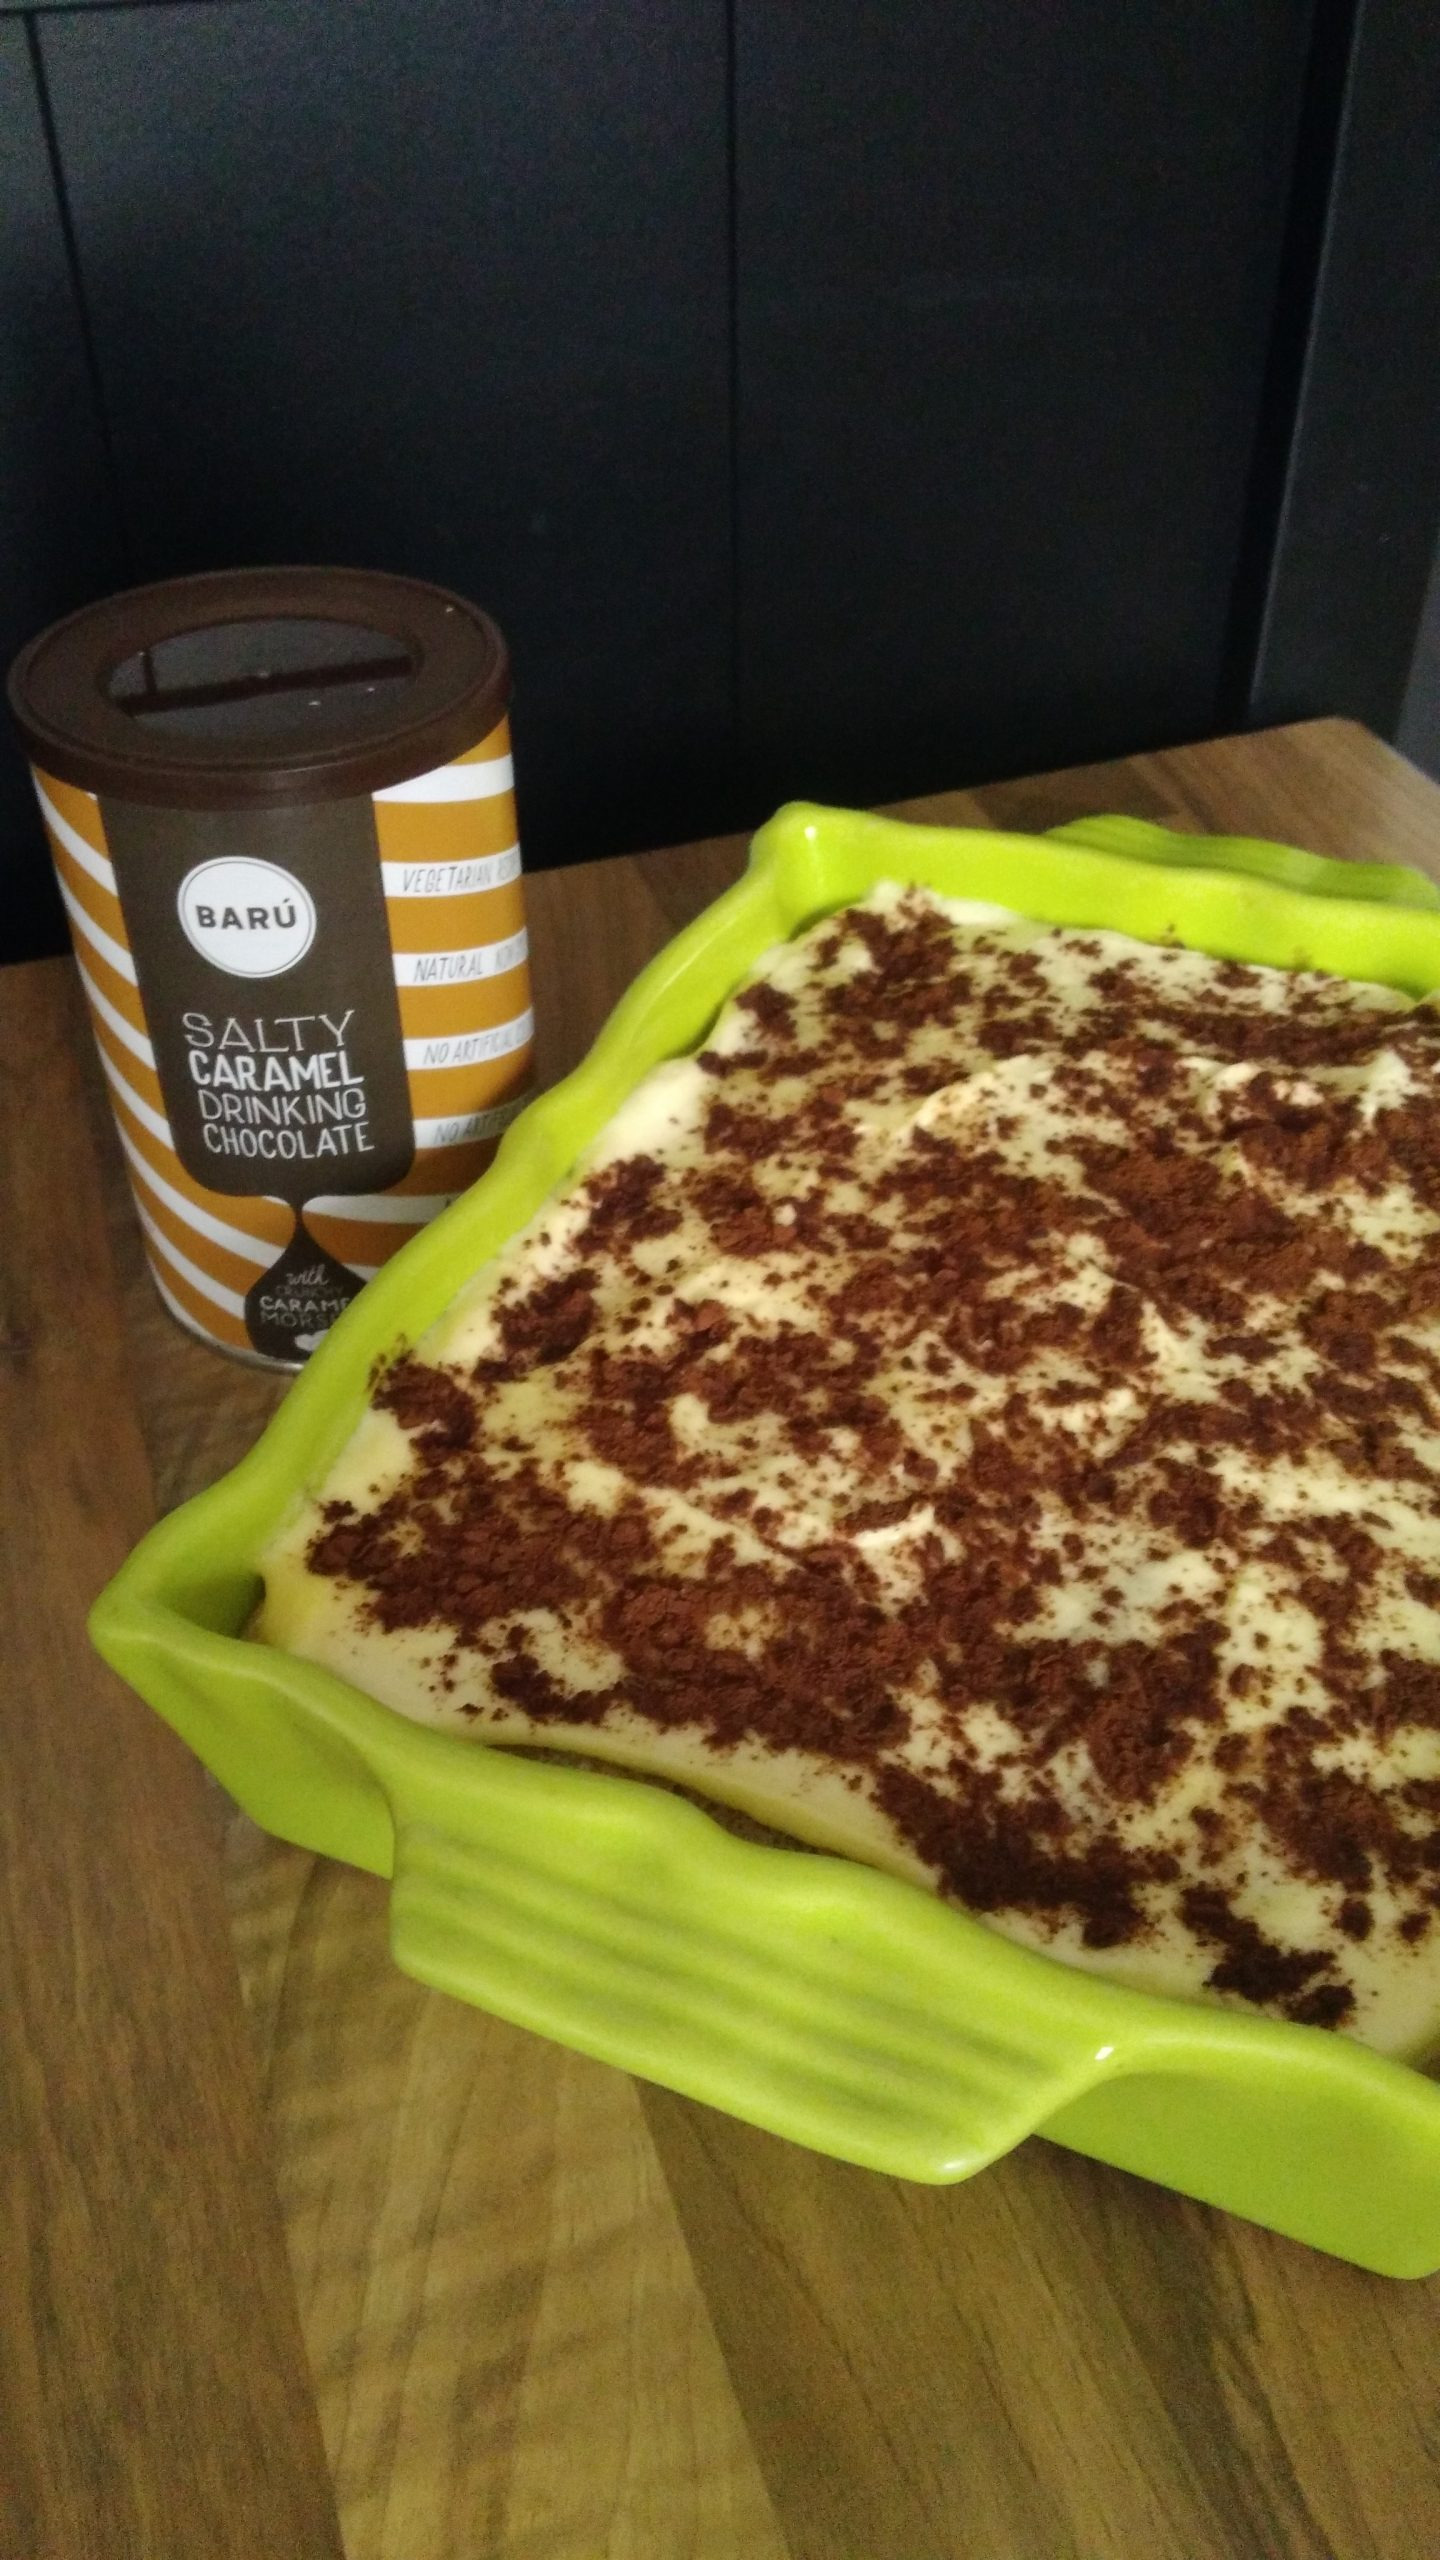 J'ai testé pour vous chocolat au caramel salé en poudre – Barù